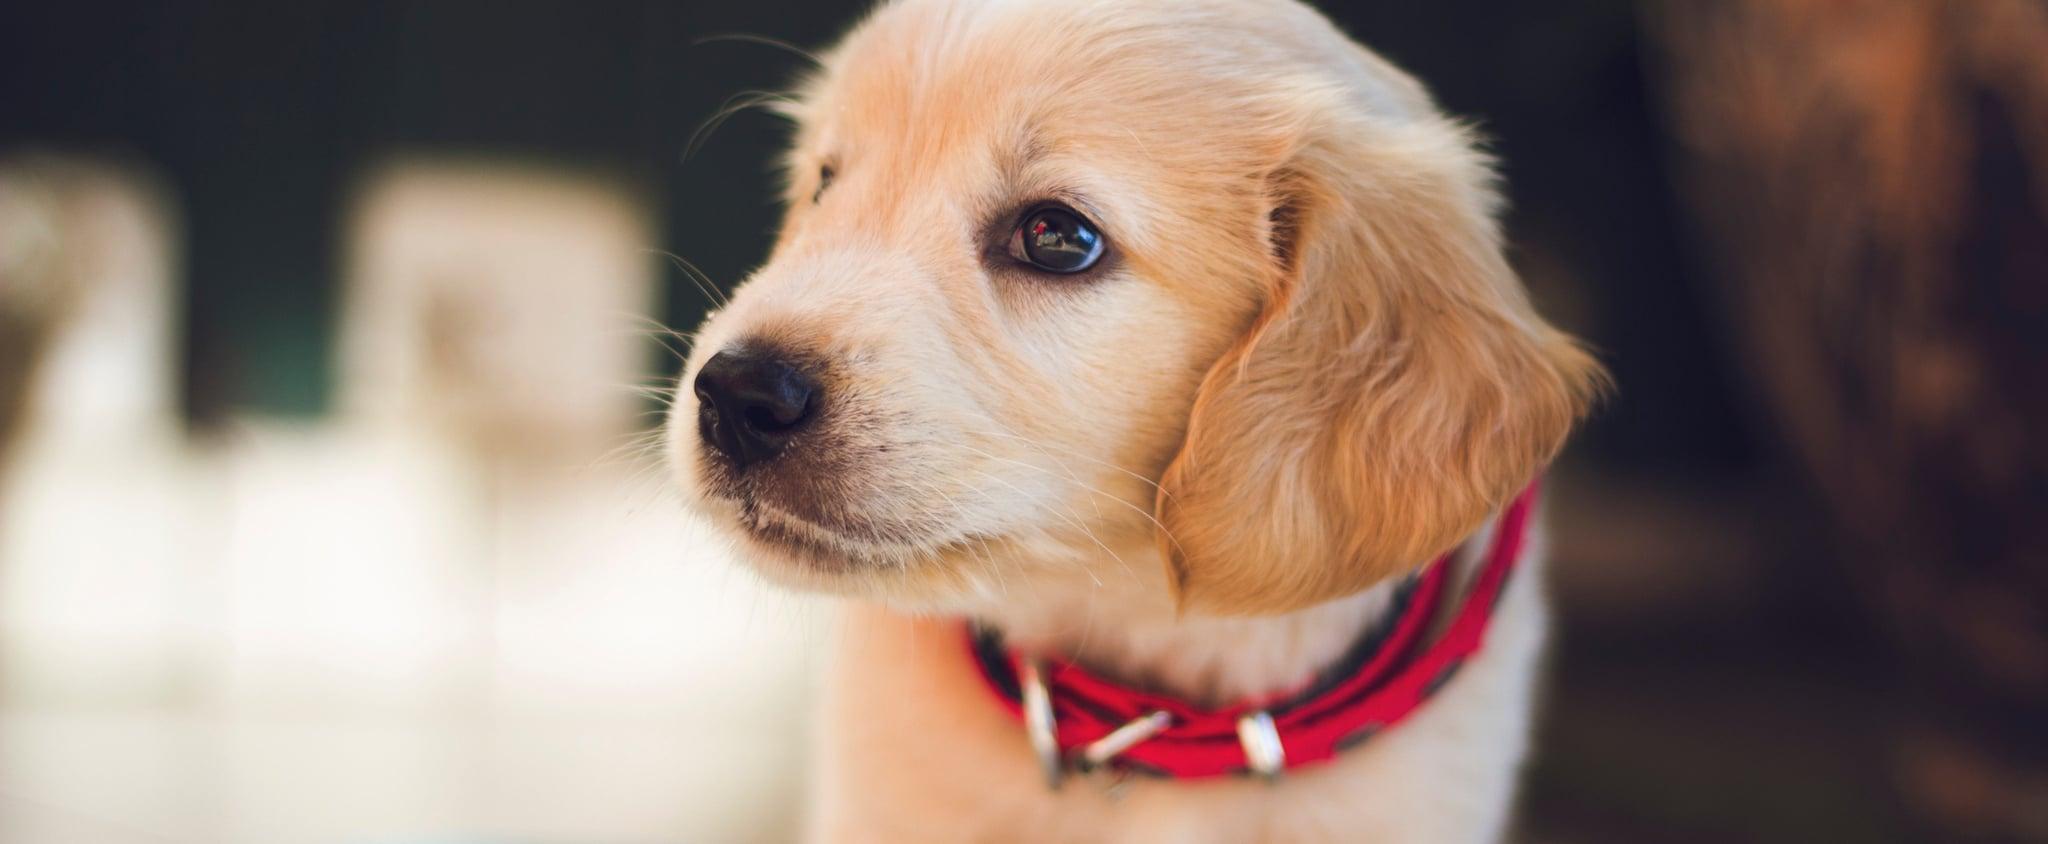 Puppy GIFs